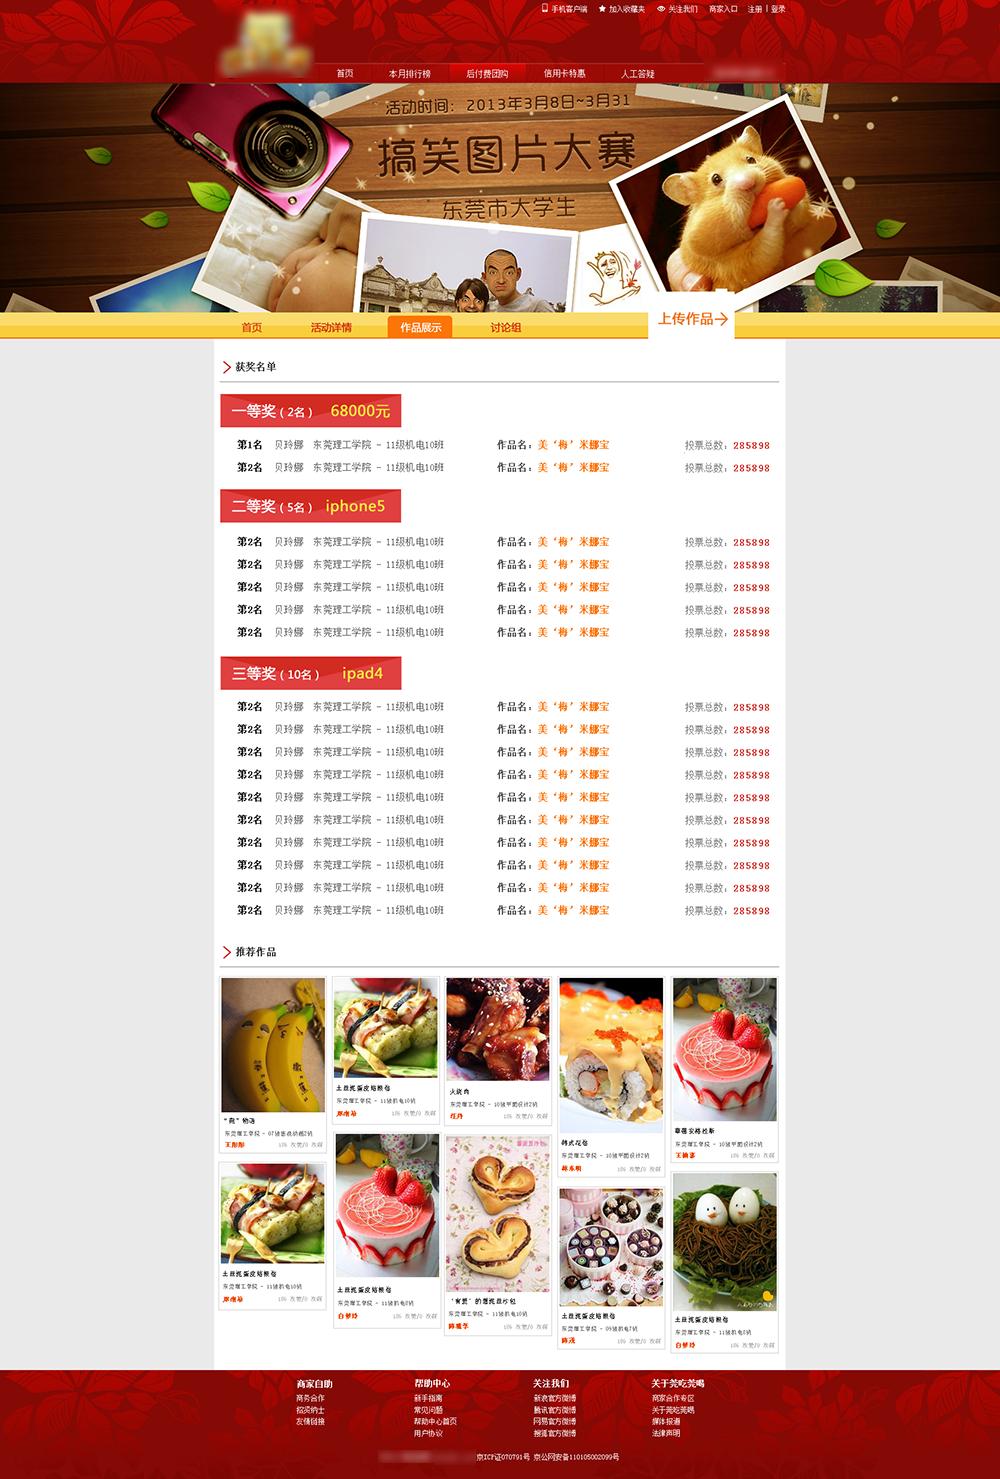 东莞某动公司大学生图片大赛专题 网页 专题/活动 月图片